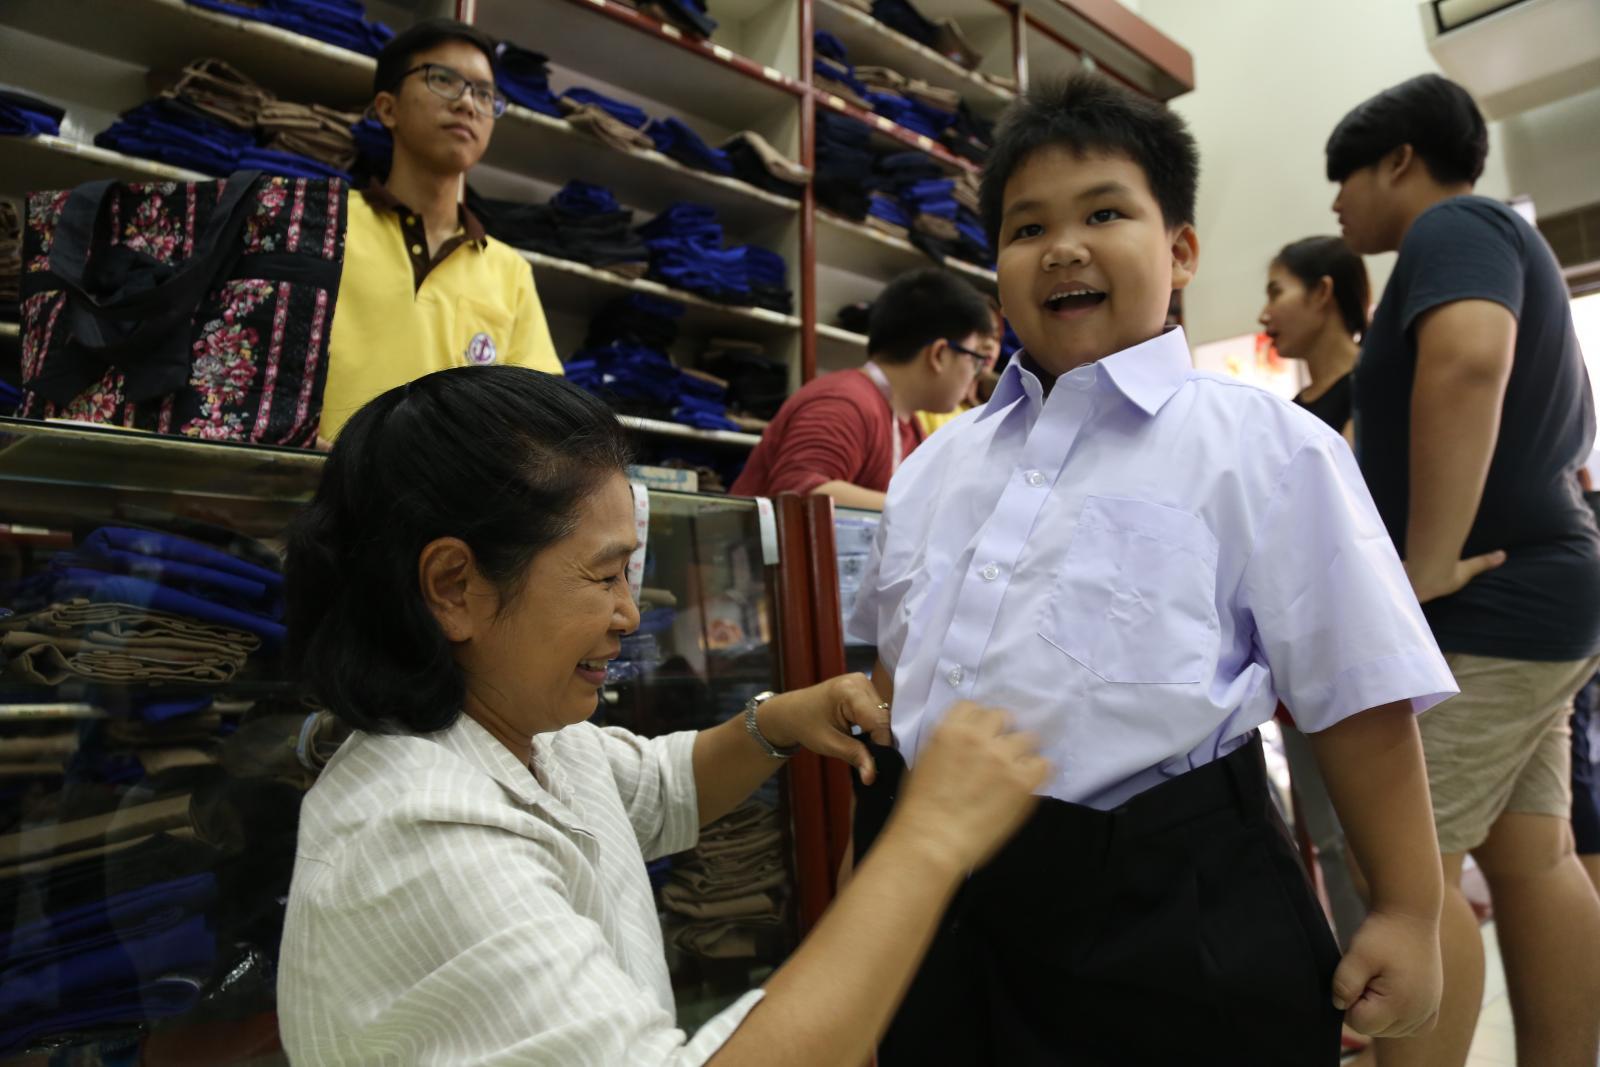 เปิดราคาที่ผู้ปกครองต้องจ่ายค่าชุดนักเรียน